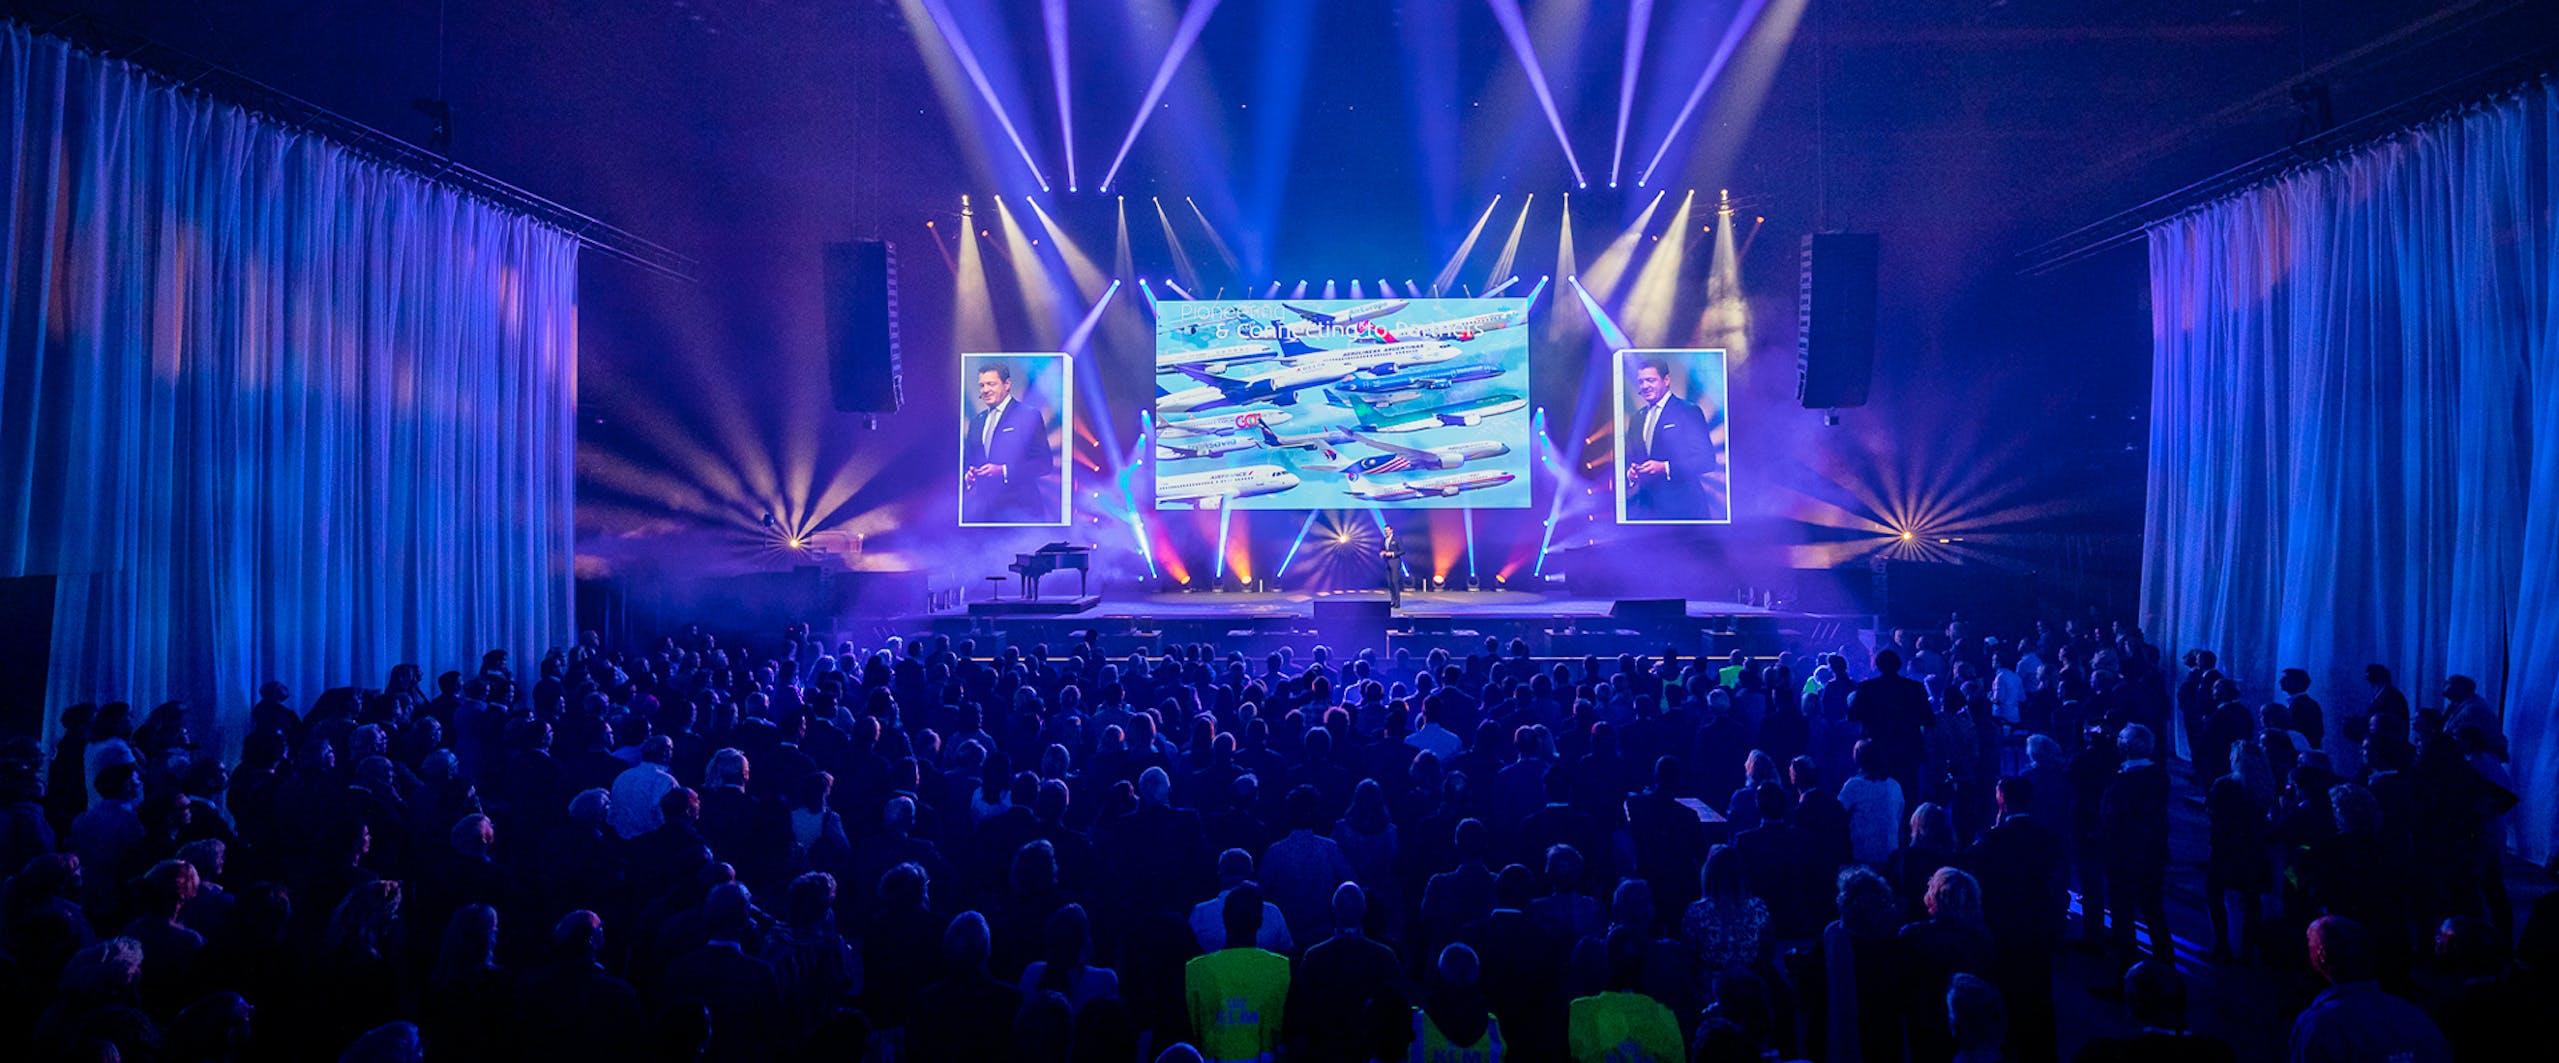 KLM event 100 jaar